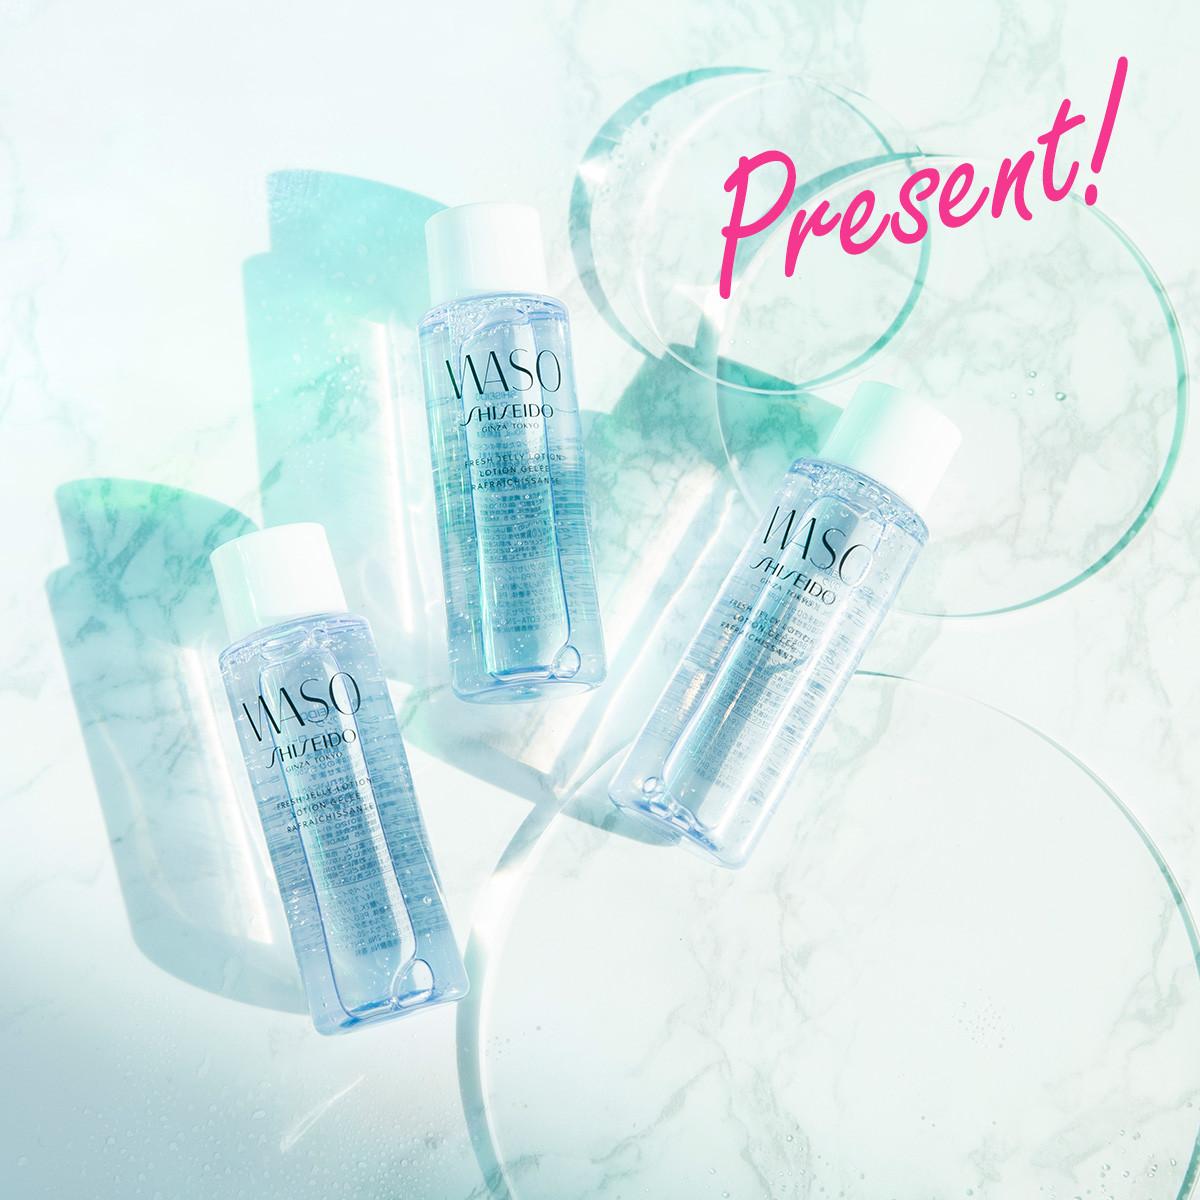 乾いた肌にもググッと浸透! プルプル感がクセになる、WASOのジェル化粧水【ちいサンプル】_1_4